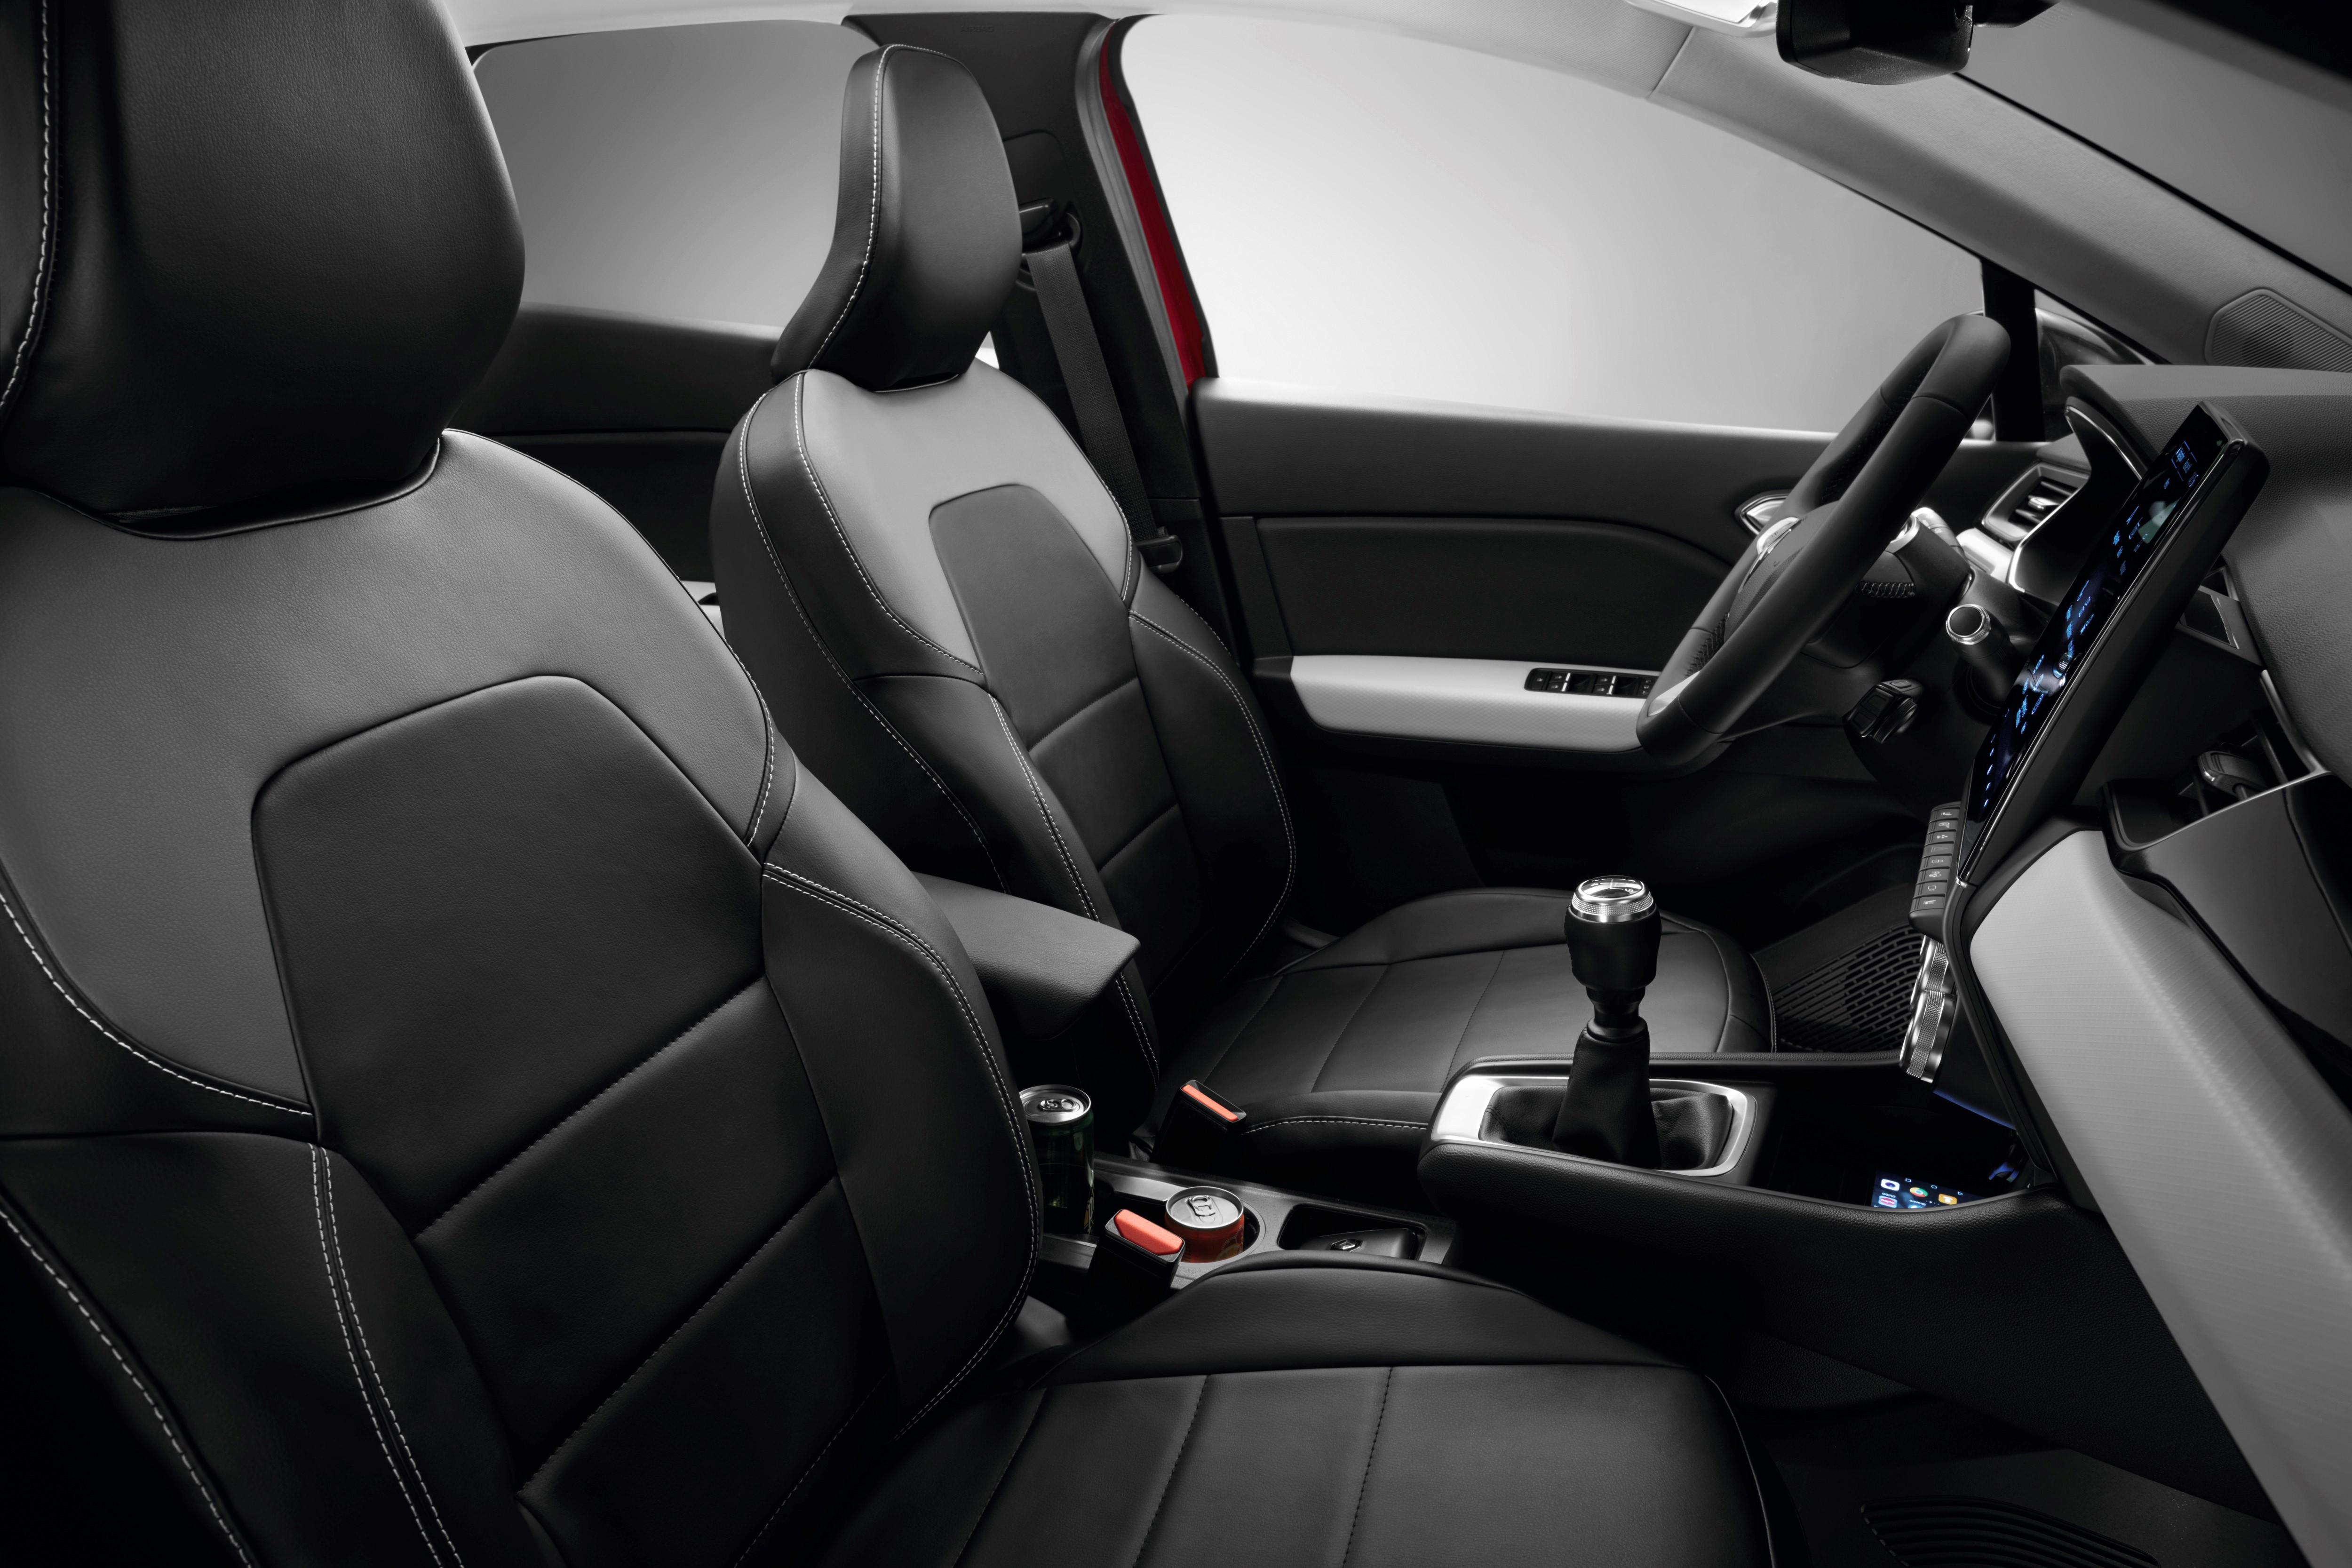 fotel kierowcy z regulacją elektryczną wysokości, oparcia, wzdłużną, manualną lędźwi